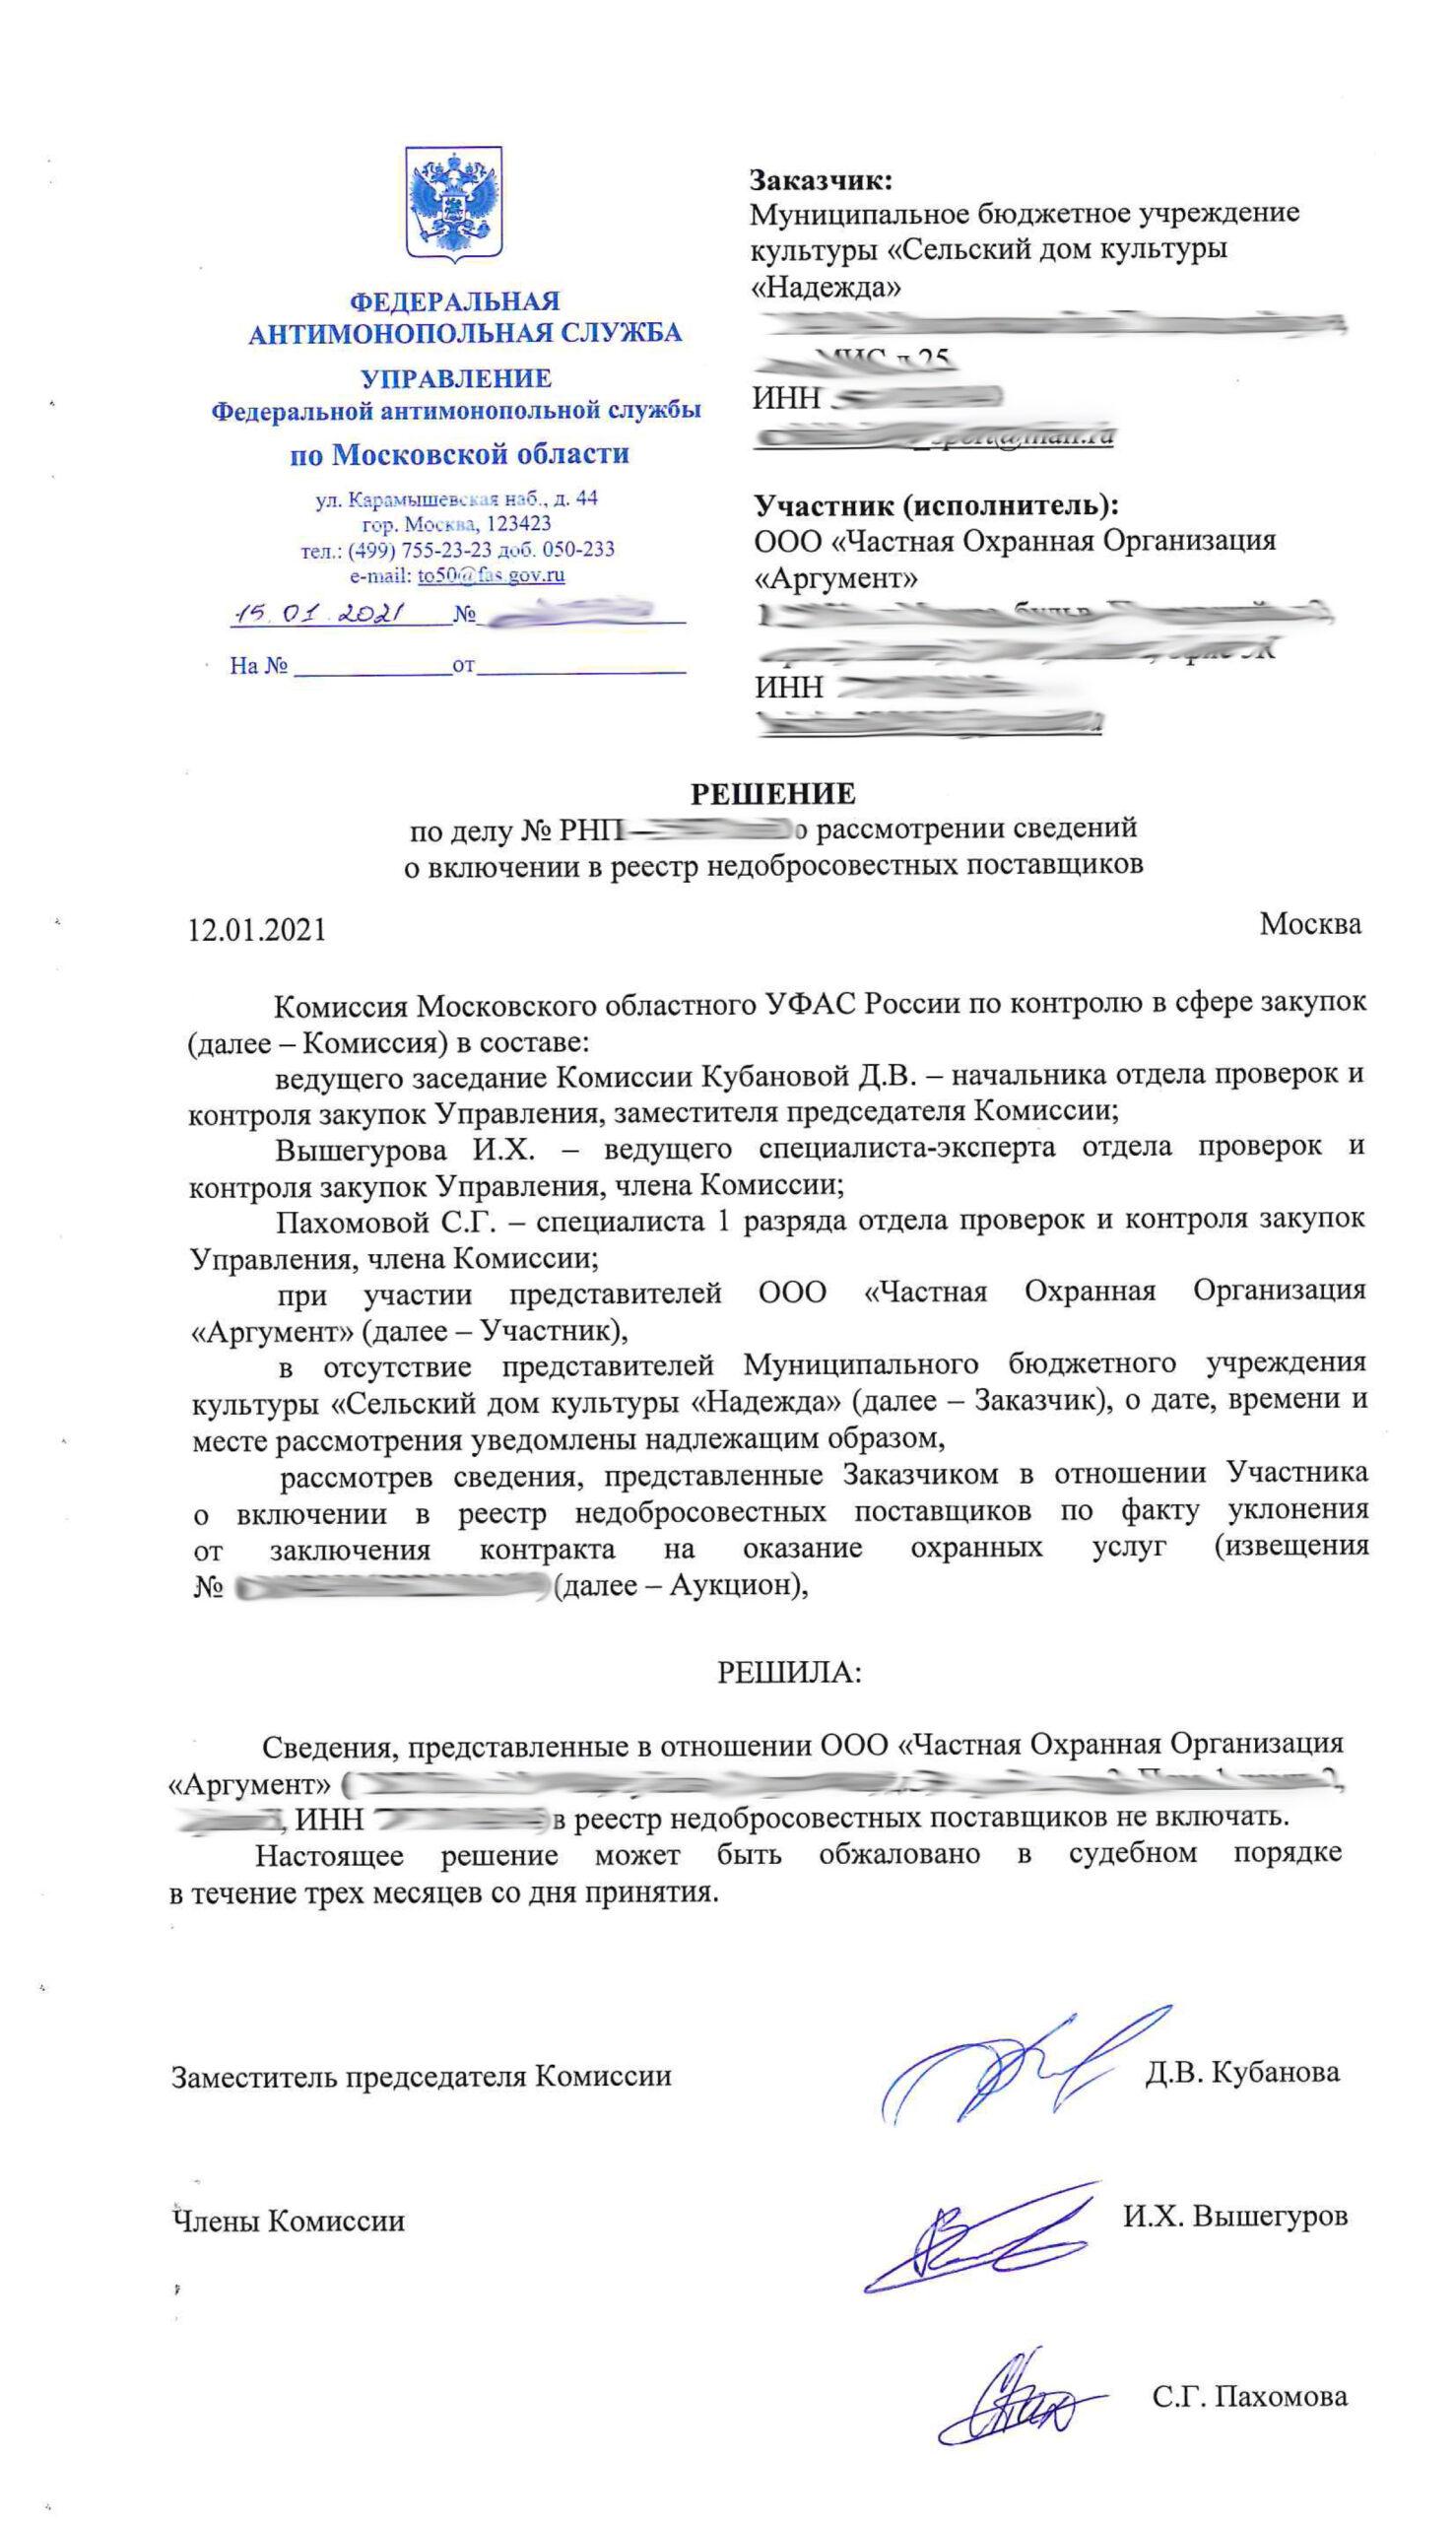 Московский областной УФАС ООО Чоо Аргумент